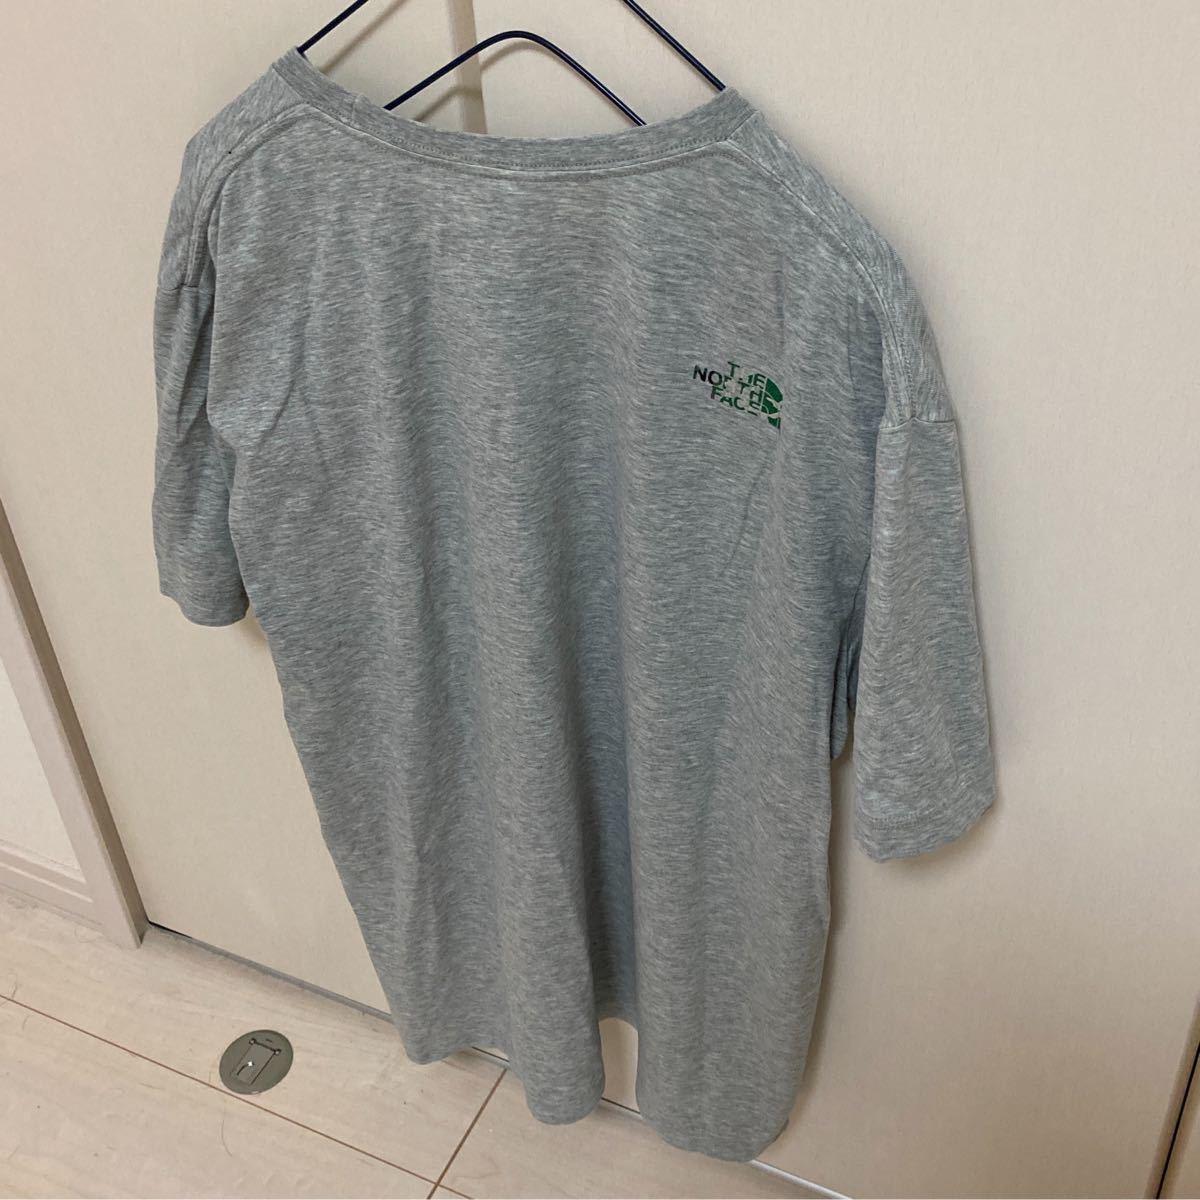 ノースフェイス Tシャツ 迷彩ロゴ